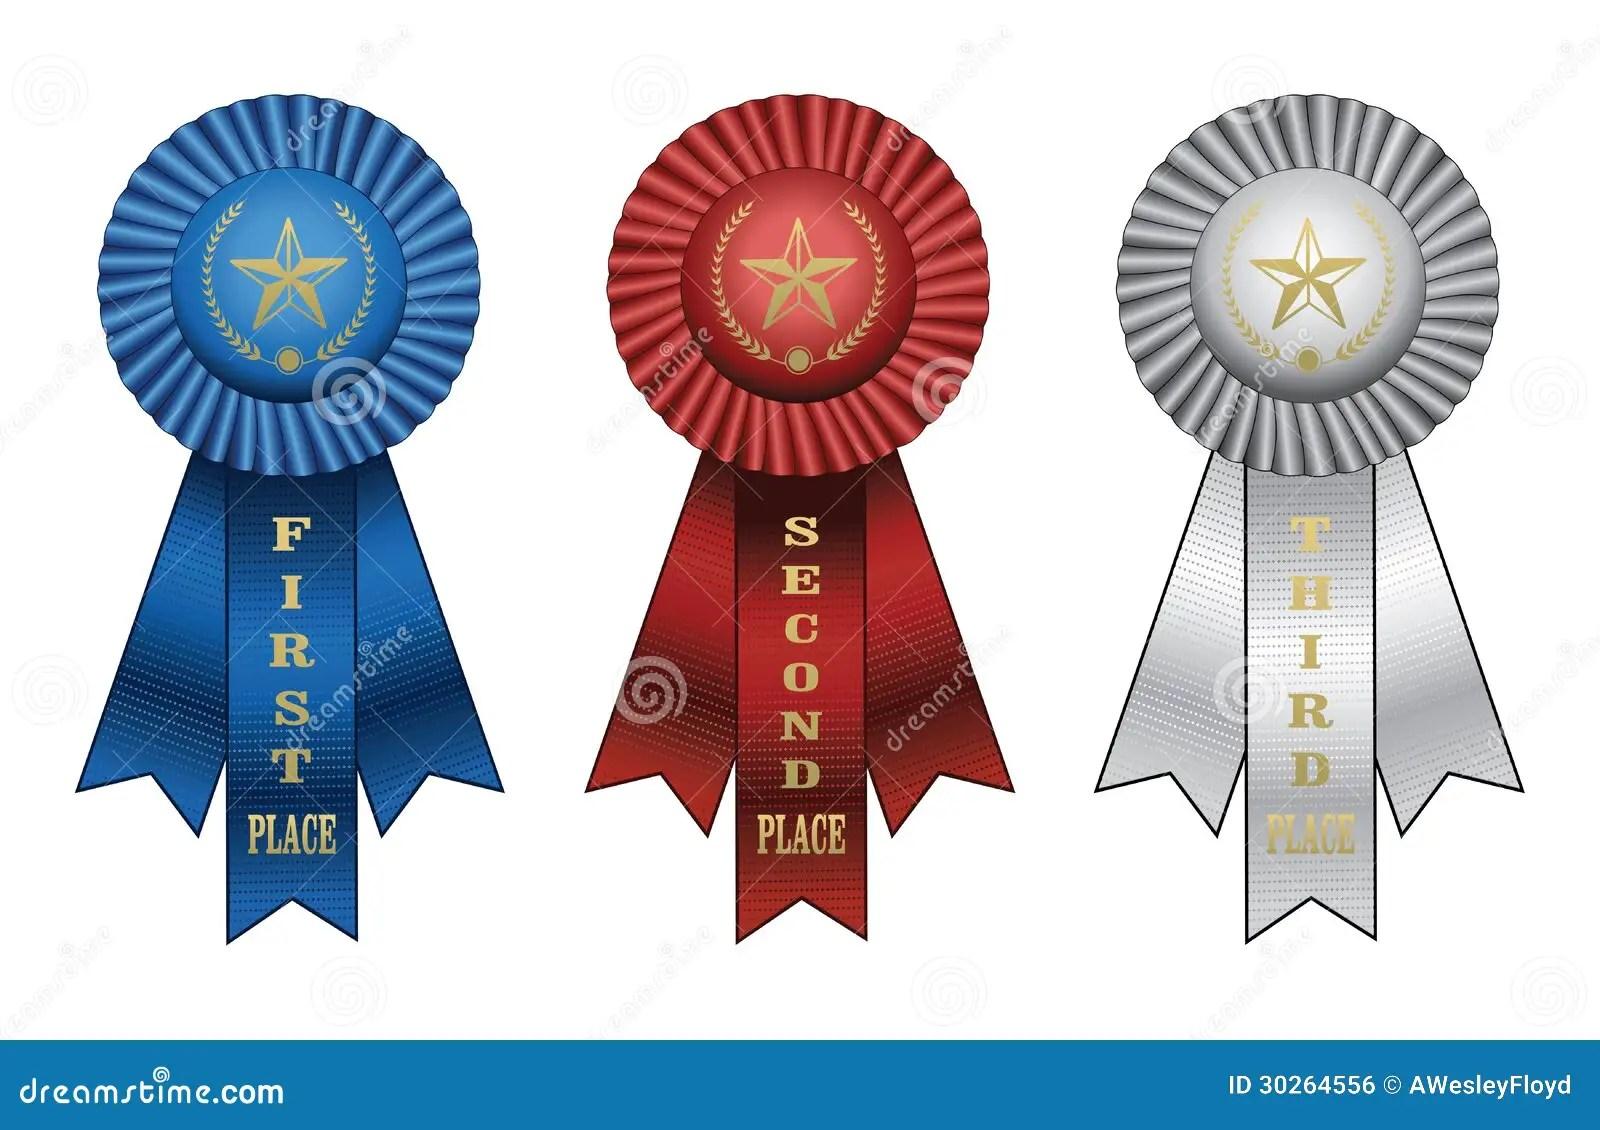 Award Ribbons Royalty Free Stock Image